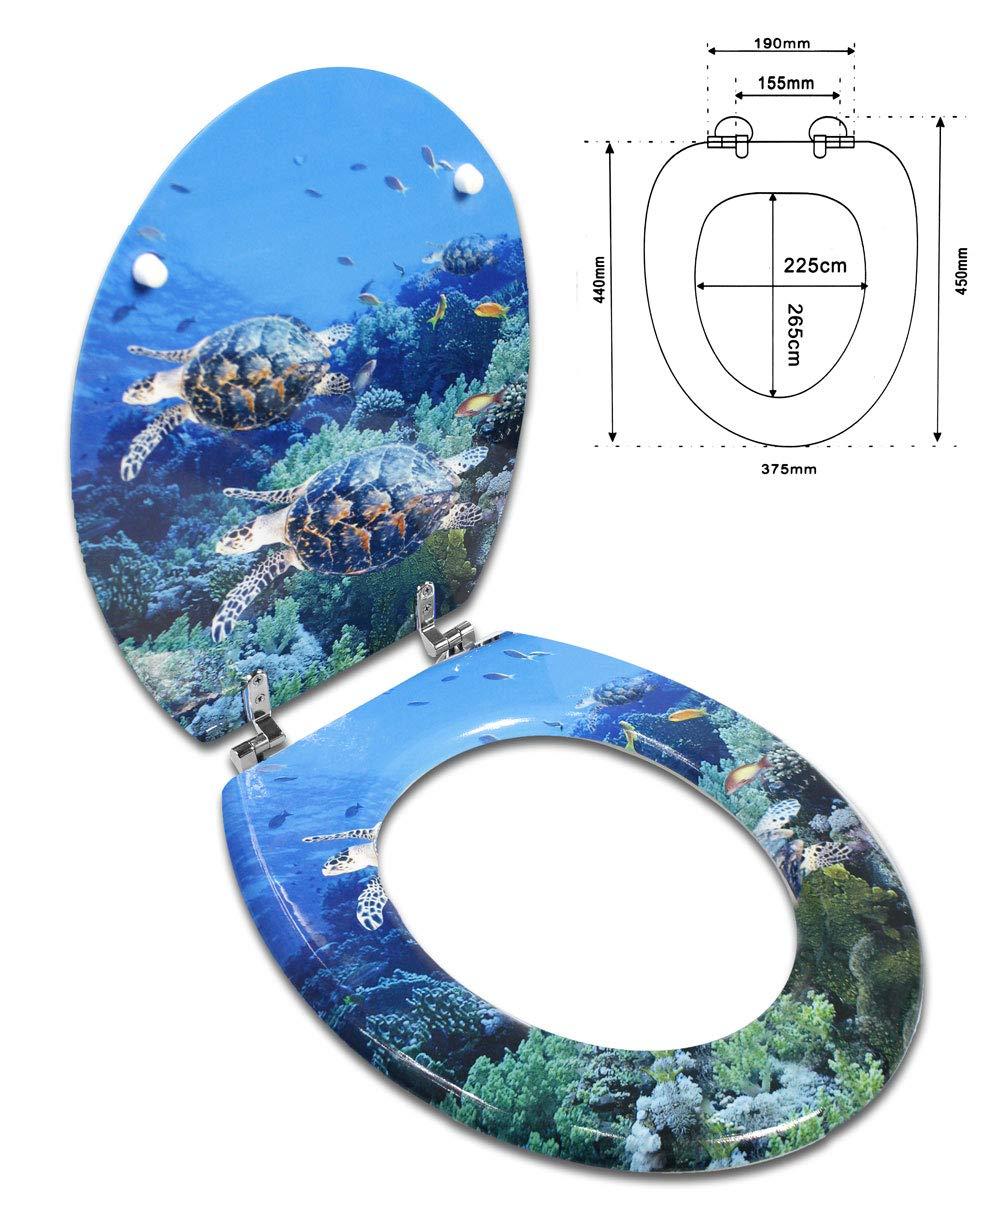 Tartarughe A88 Vetrineinrete/® Copriwater universale in legno MDF serigrafato tavoletta da bagno wc con stampa cerniere in acciaio inox resistente 52981